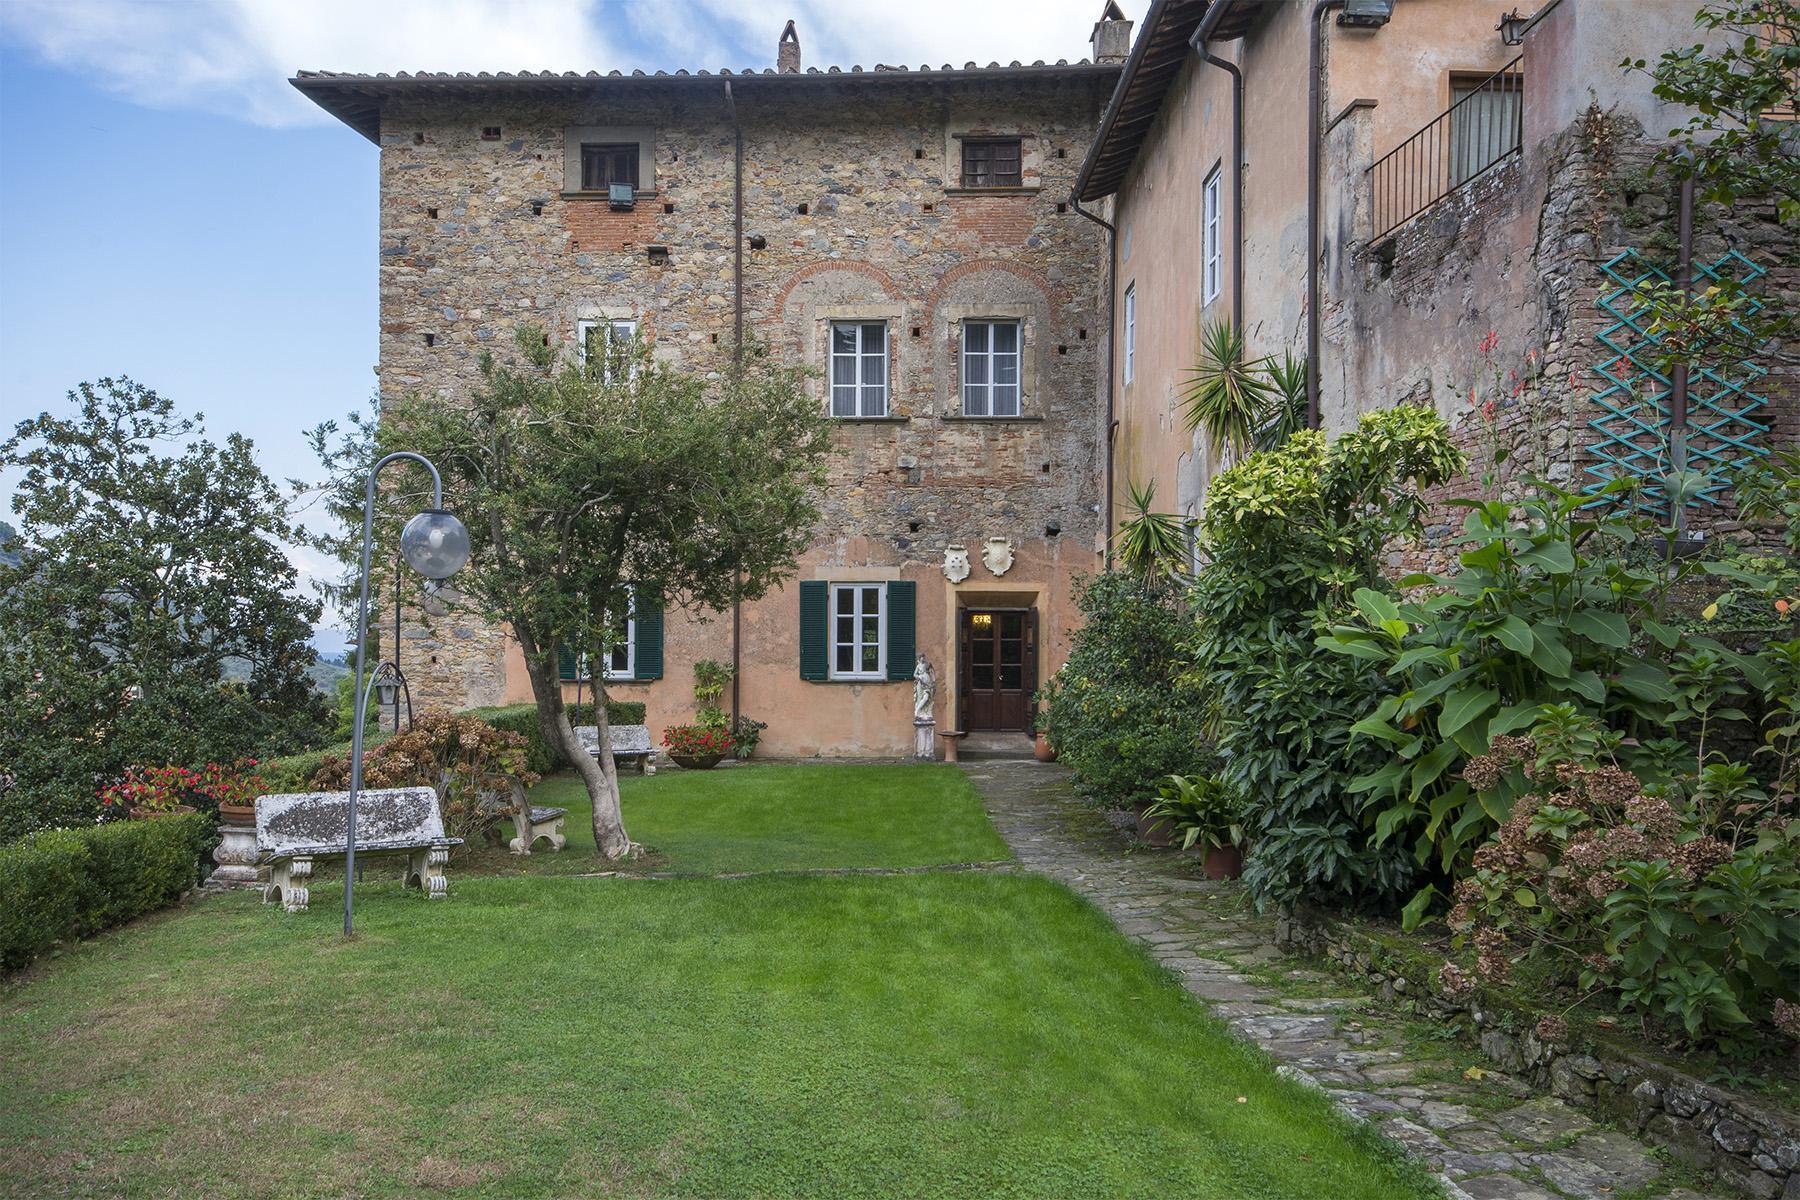 Meravigliosa Villa Medicea sulle colline Pisane - 3